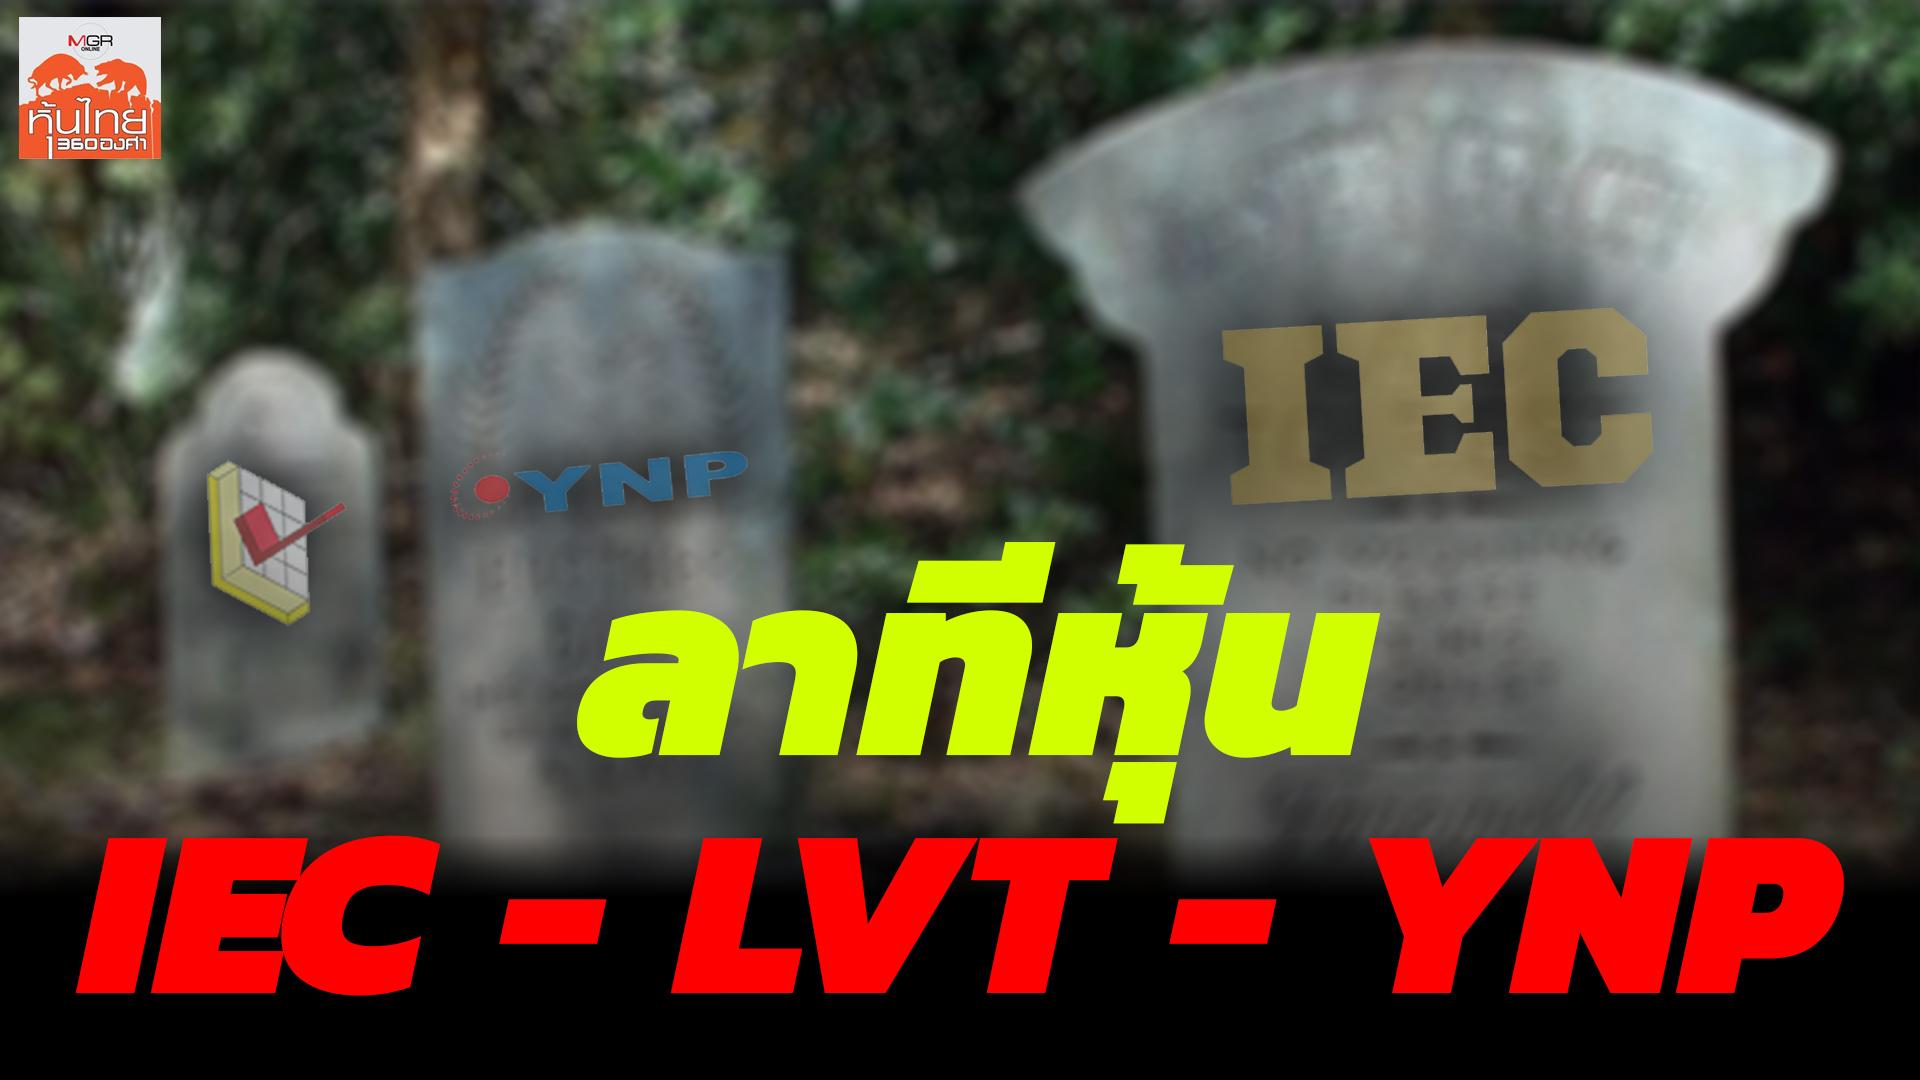 ลาทีหุ้น IEC - LVT - YNP / สุนันท์ ศรีจันทรา